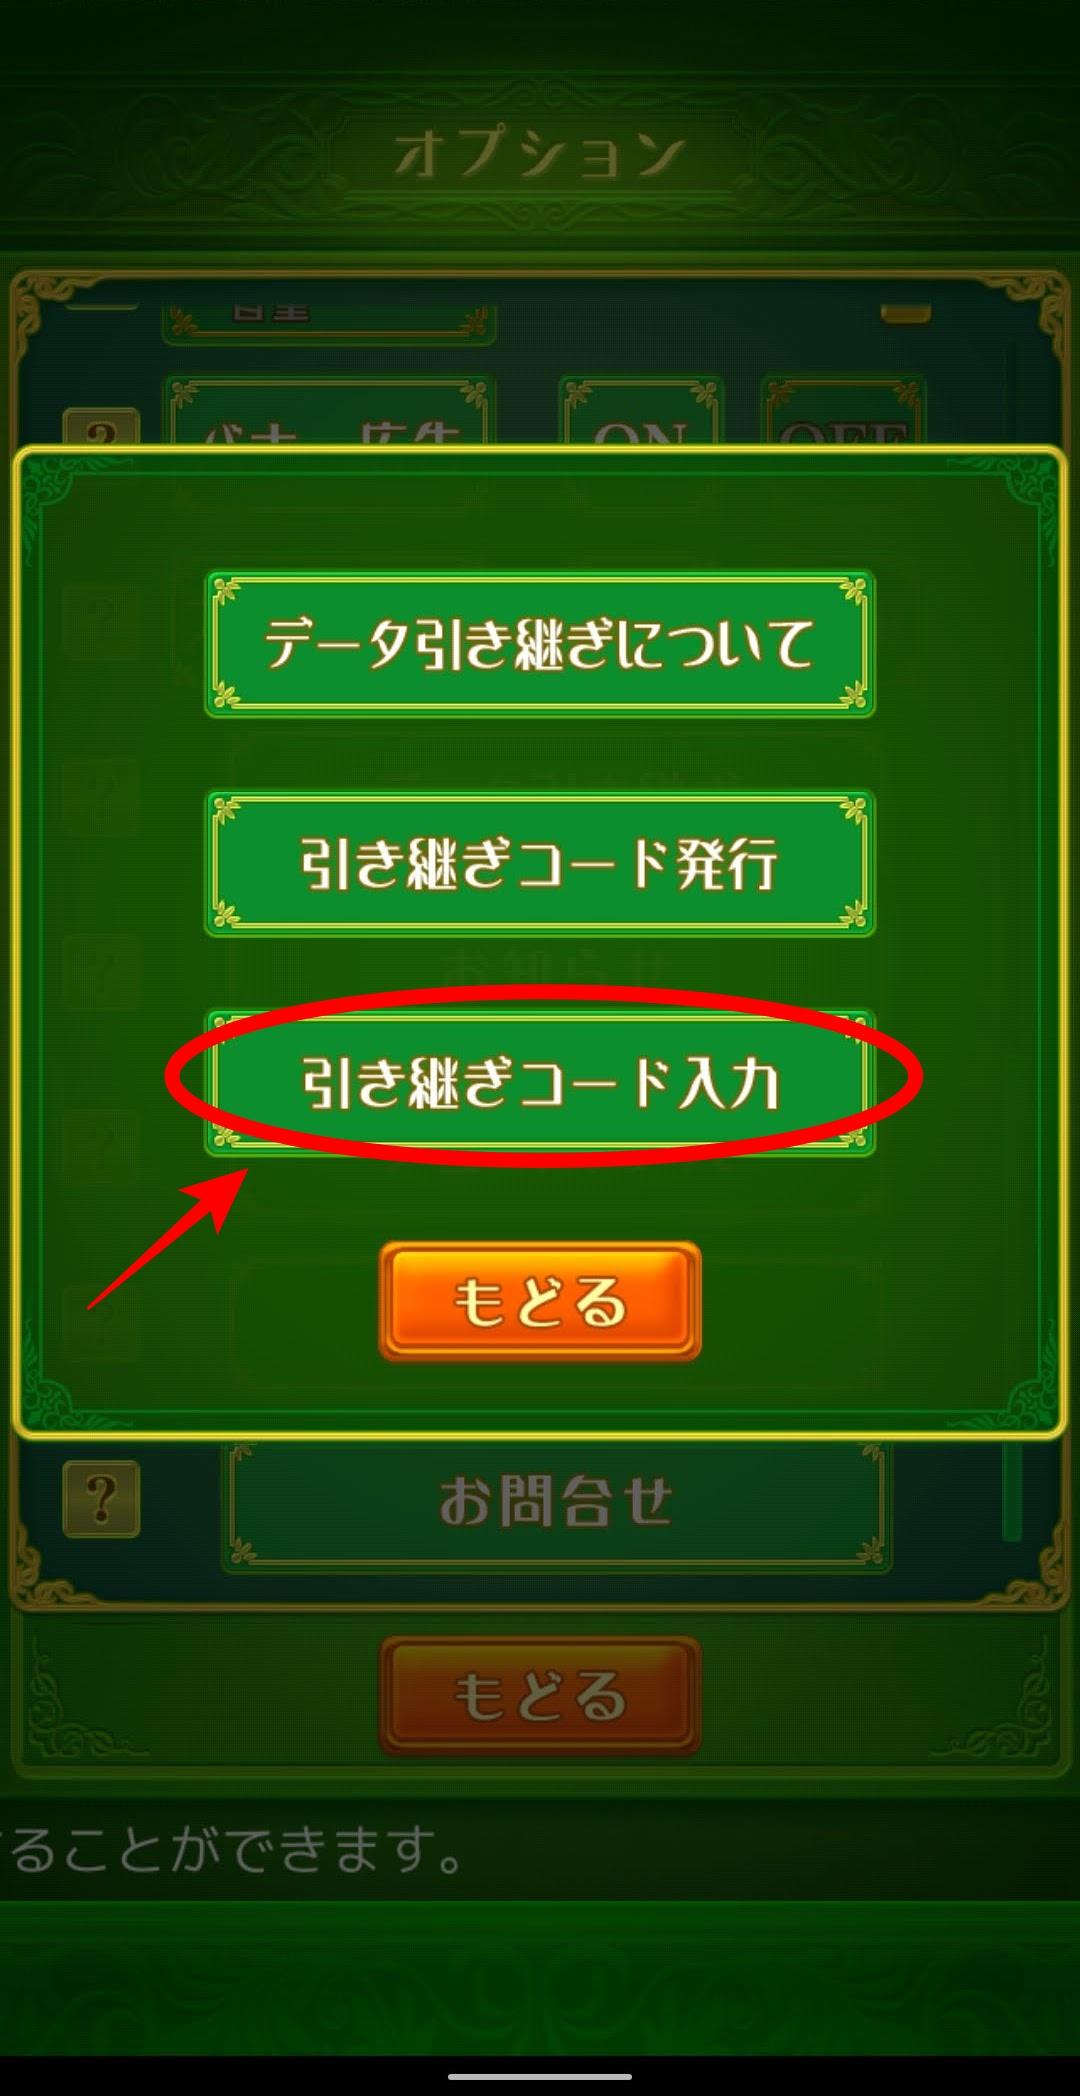 手順4 【引き継ぎコード入力】をタップします